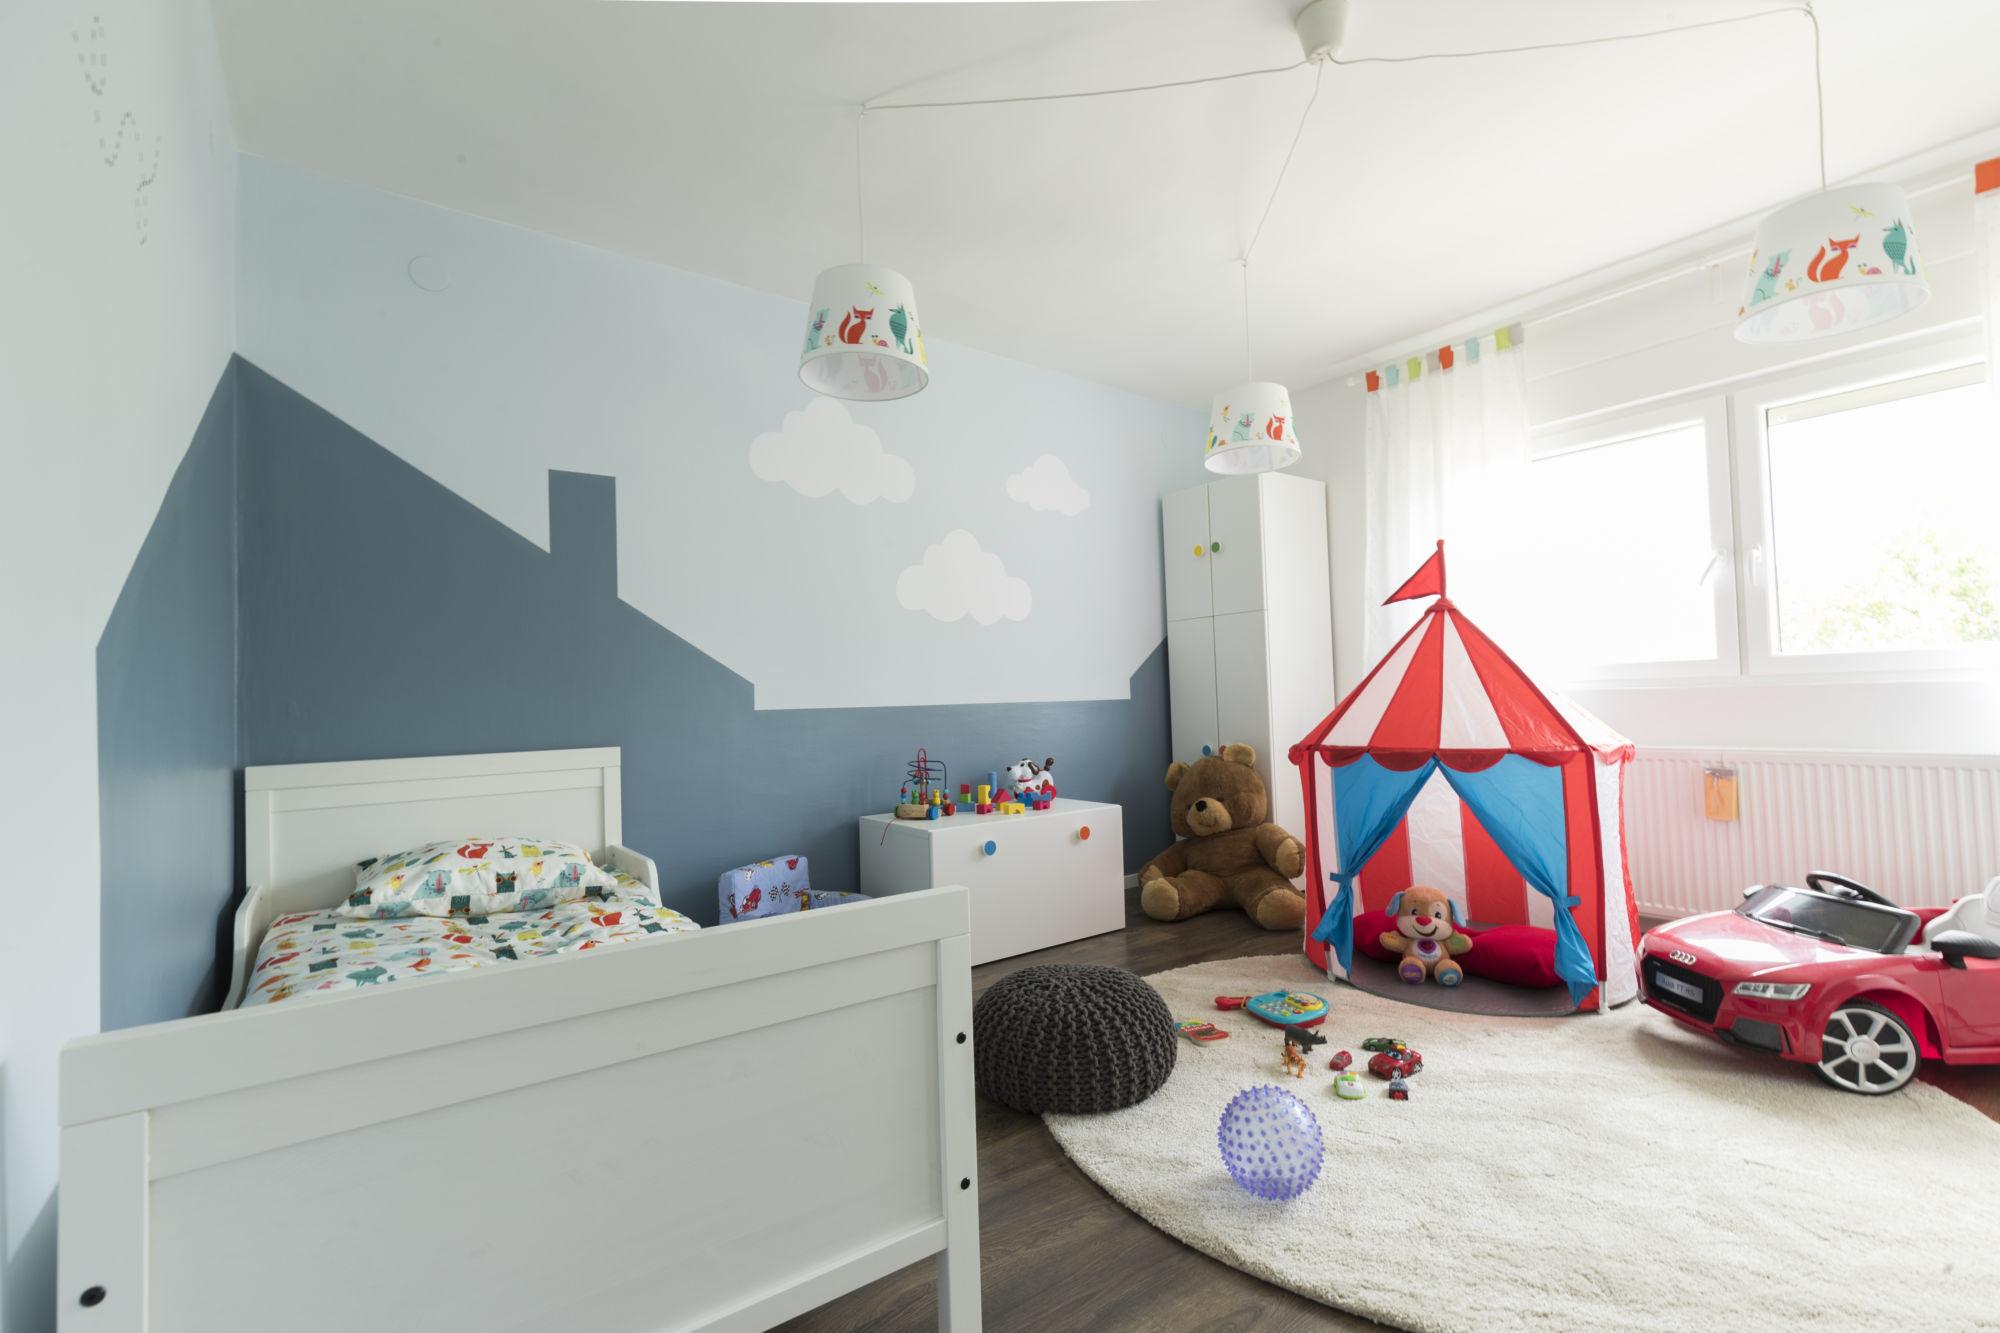 kako opremiti djecju sobu